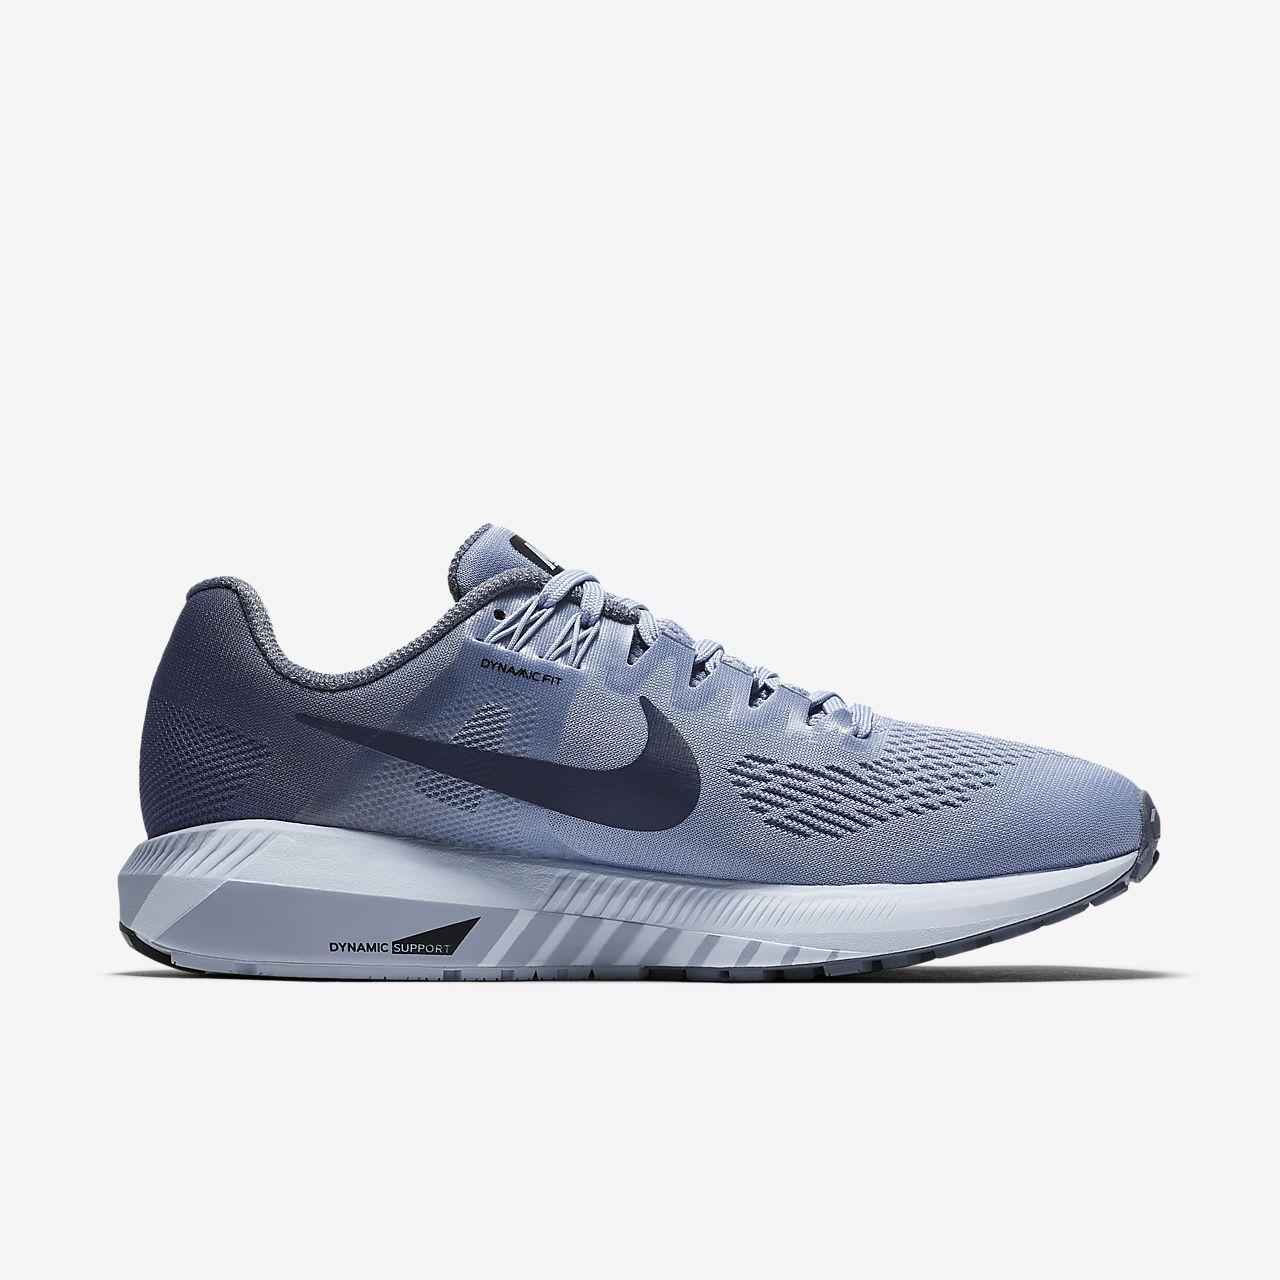 ... Nike Air Zoom Structure 21 Kadın Koşu Ayakkabısı